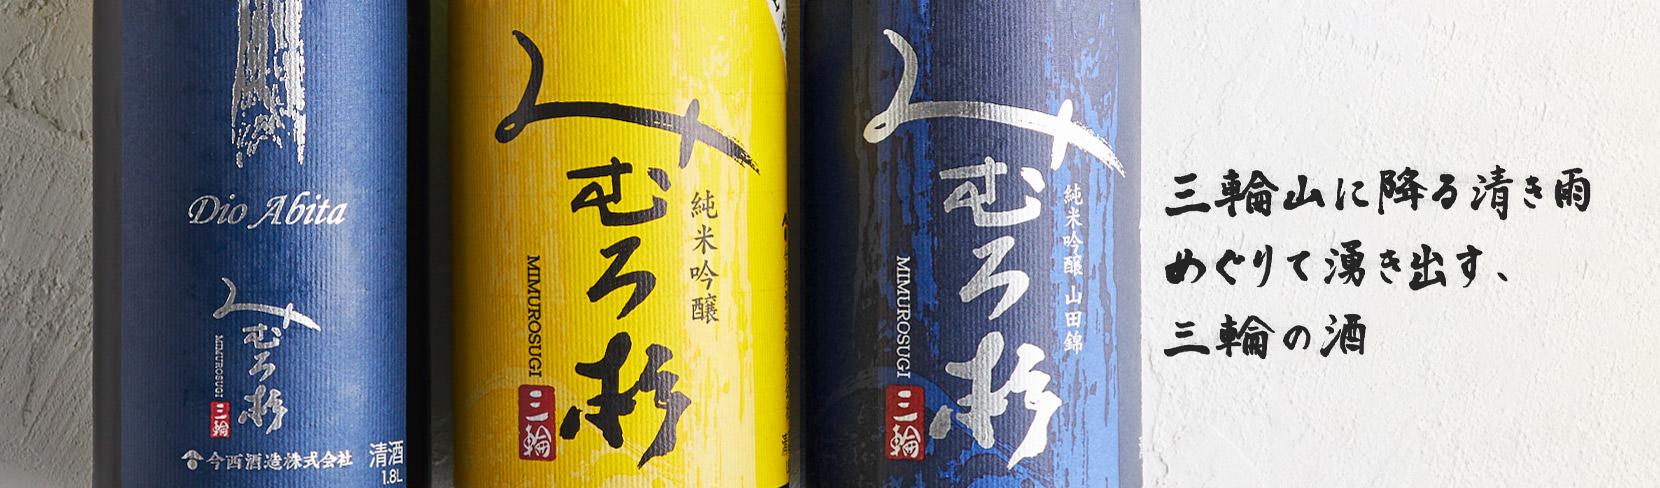 みむろ杉 奈良のお酒